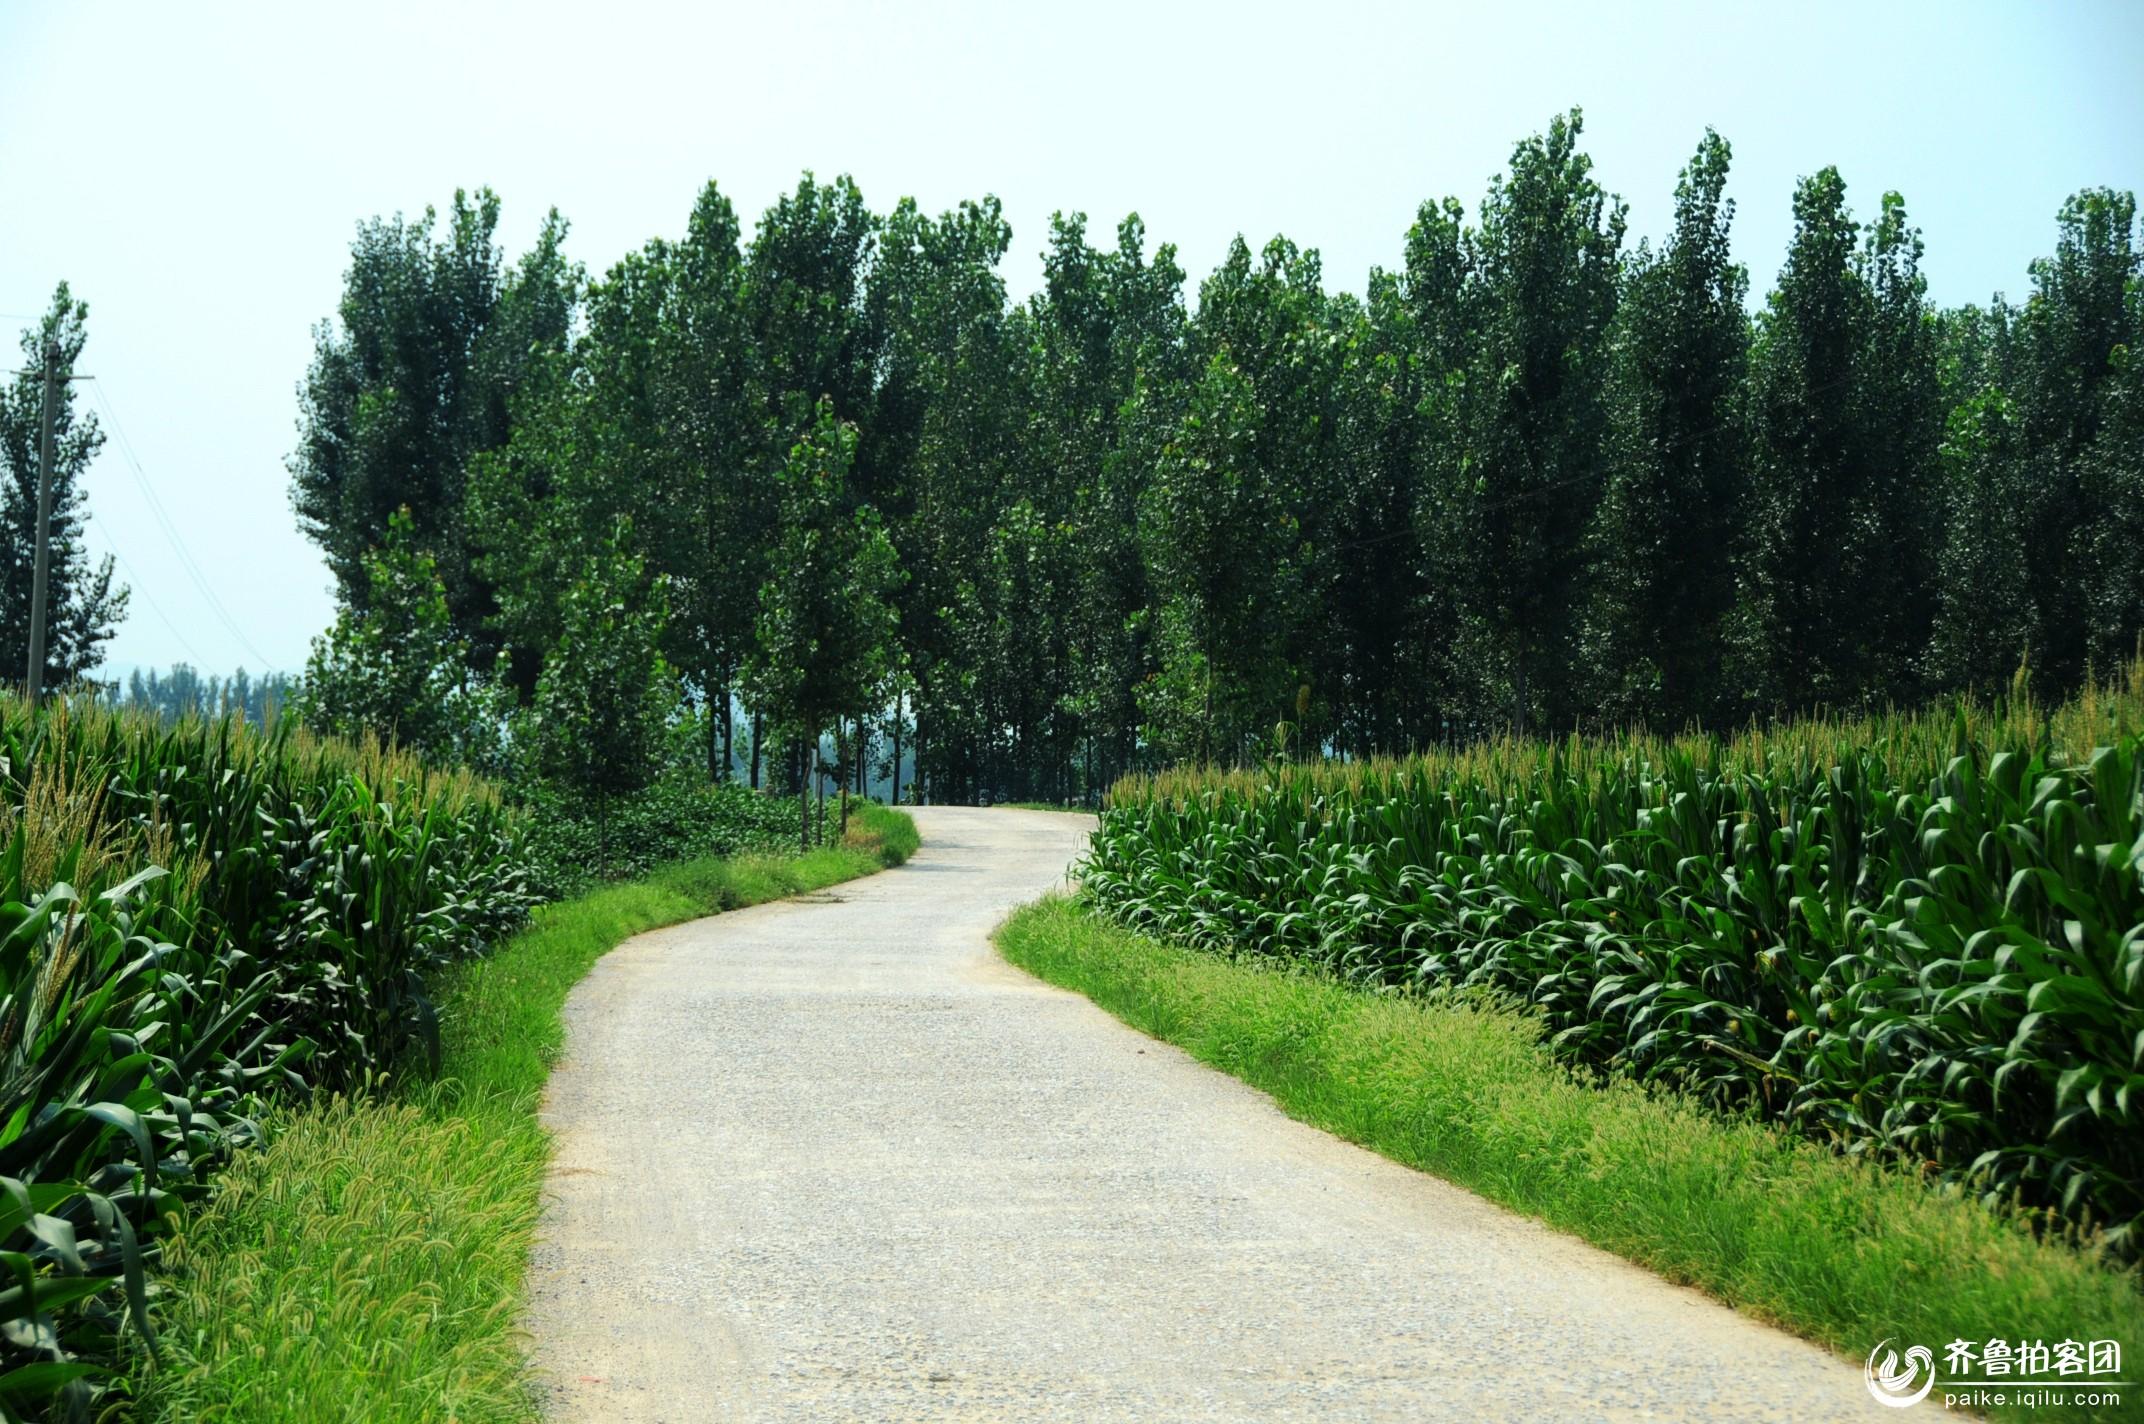 走在乡间的小路上,没看到牧归的老牛,陪我的,只有路旁浓密的